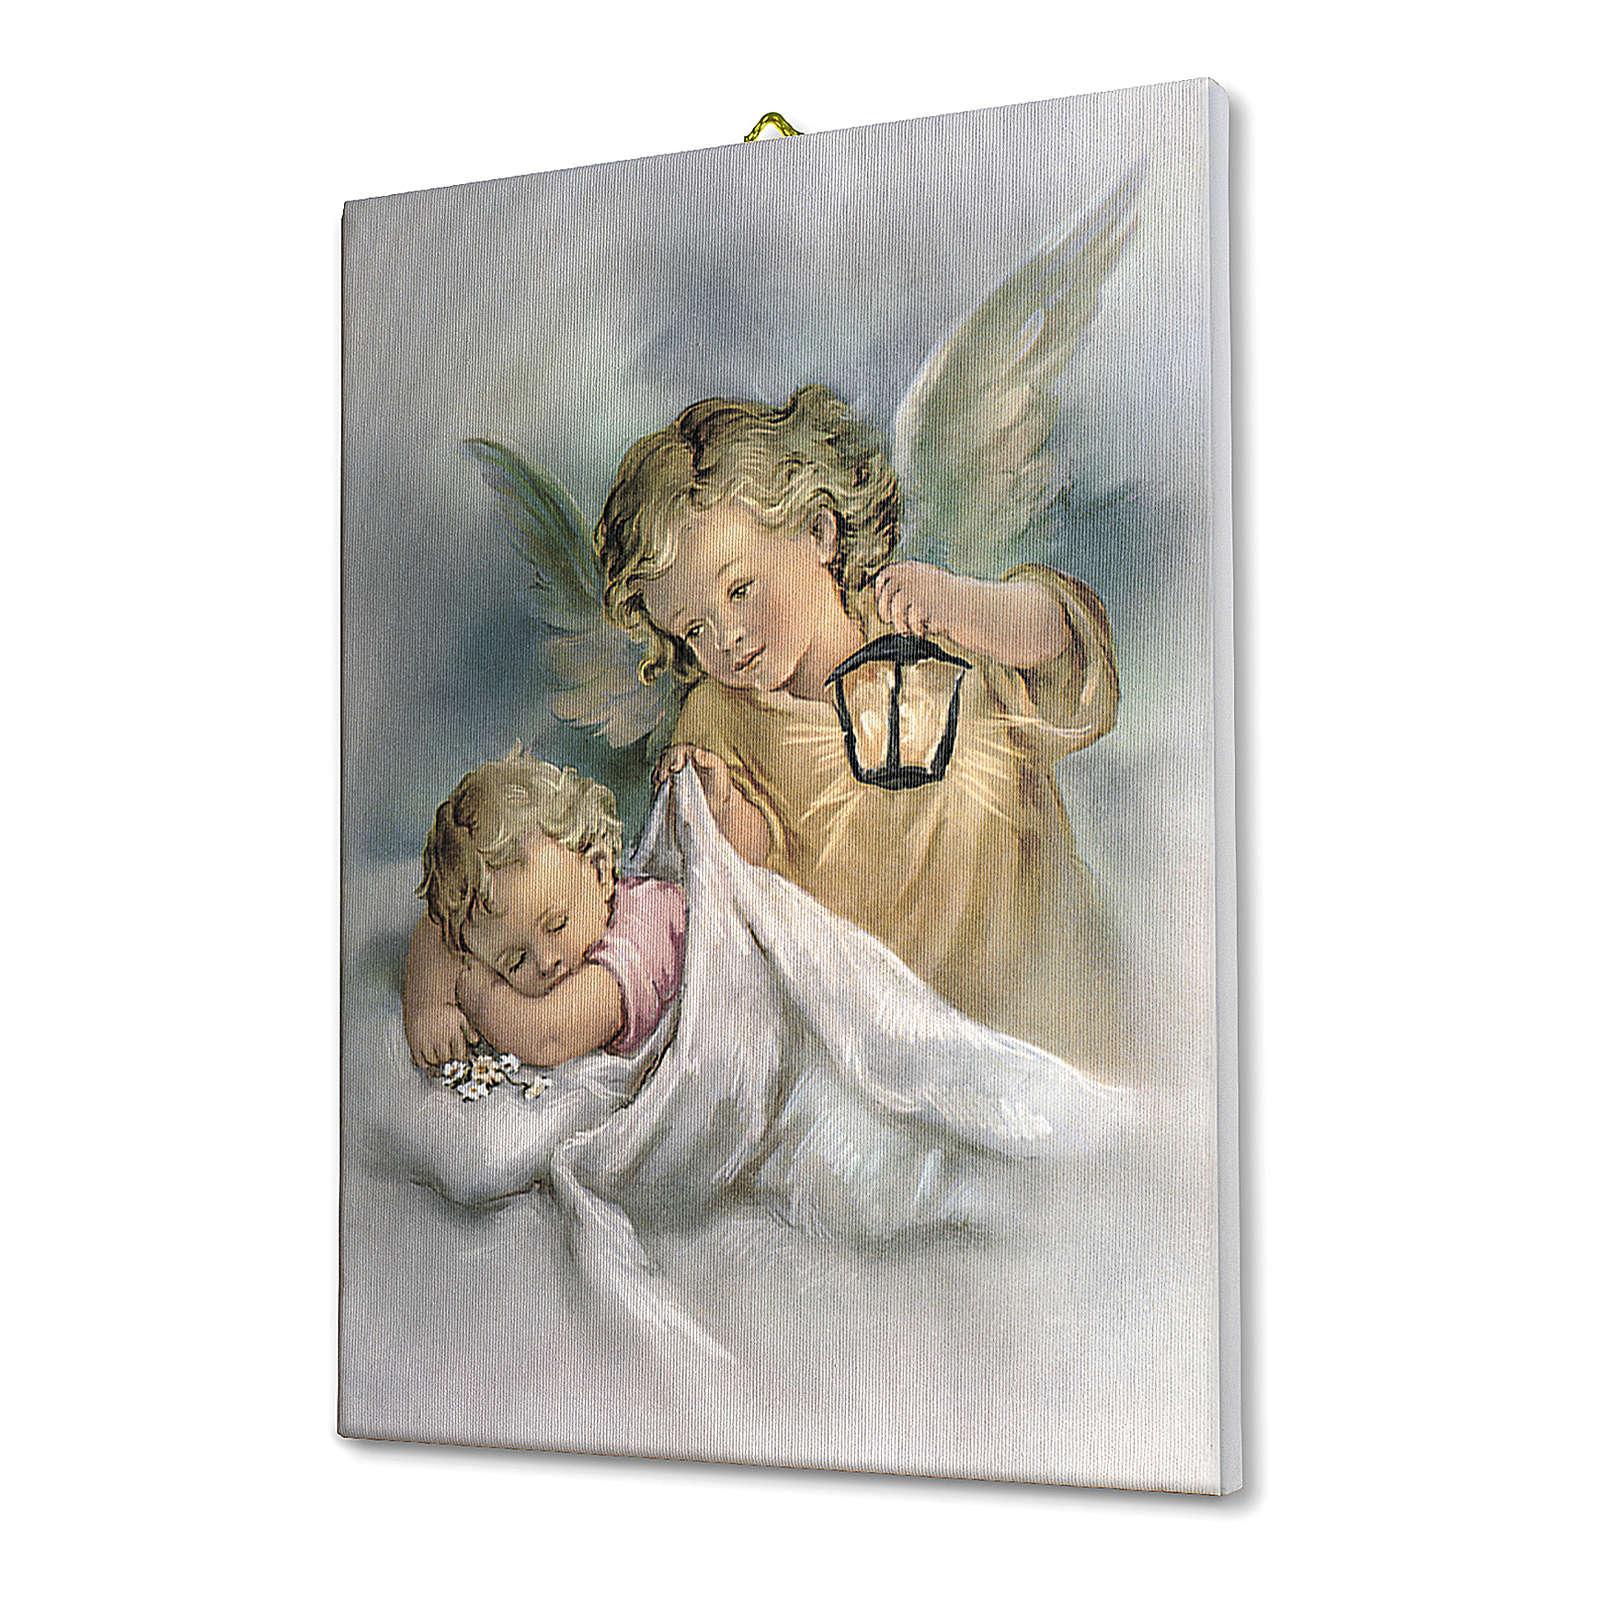 Obraz Na Płótnie Anioł Stróż Z Laterną 25x20cm Sprzedaż Online Na Holyart